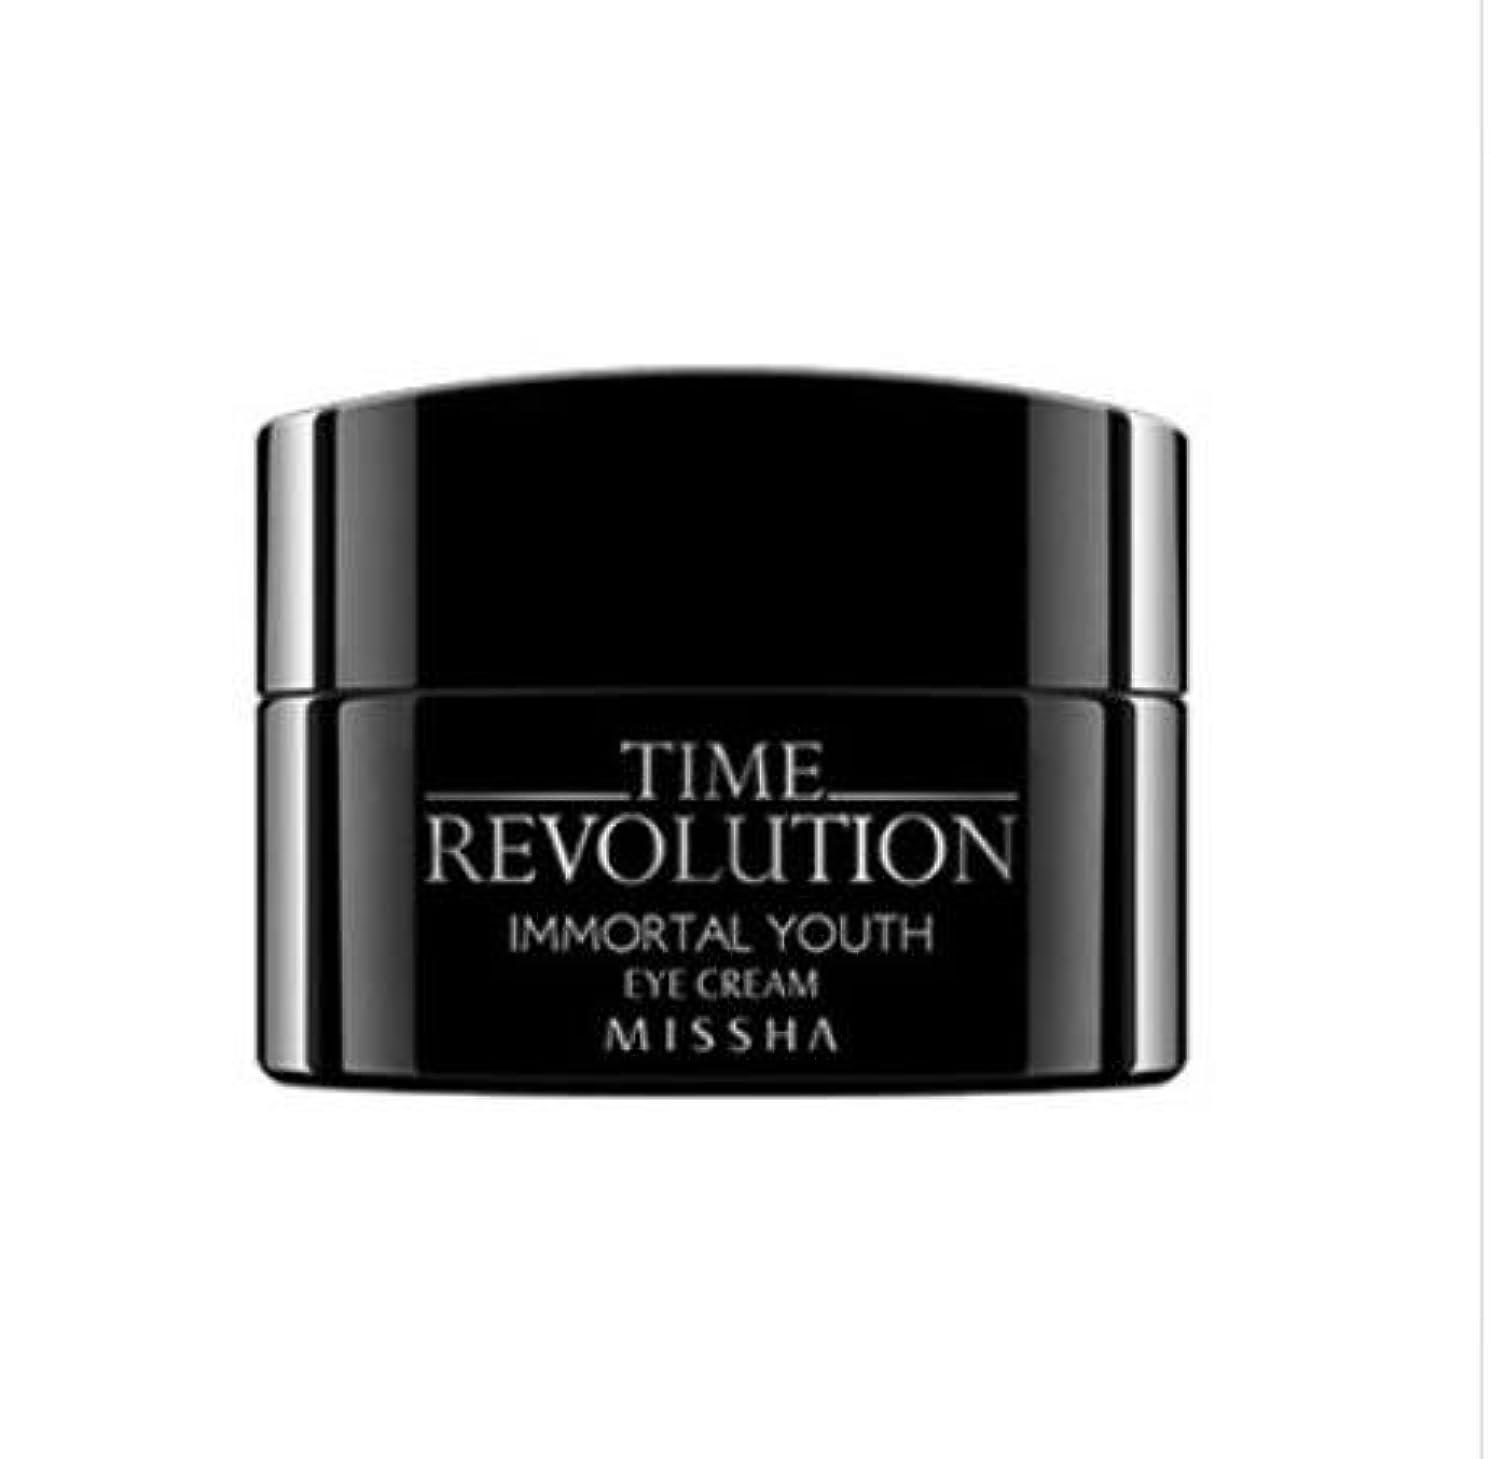 ぜいたく入る熱意[ミシャ] Missha [タイムレボリューション イモタルユース アイクリーム](MISSHA Time Revolution Immortal Youth Eye Cream) [並行輸入品]